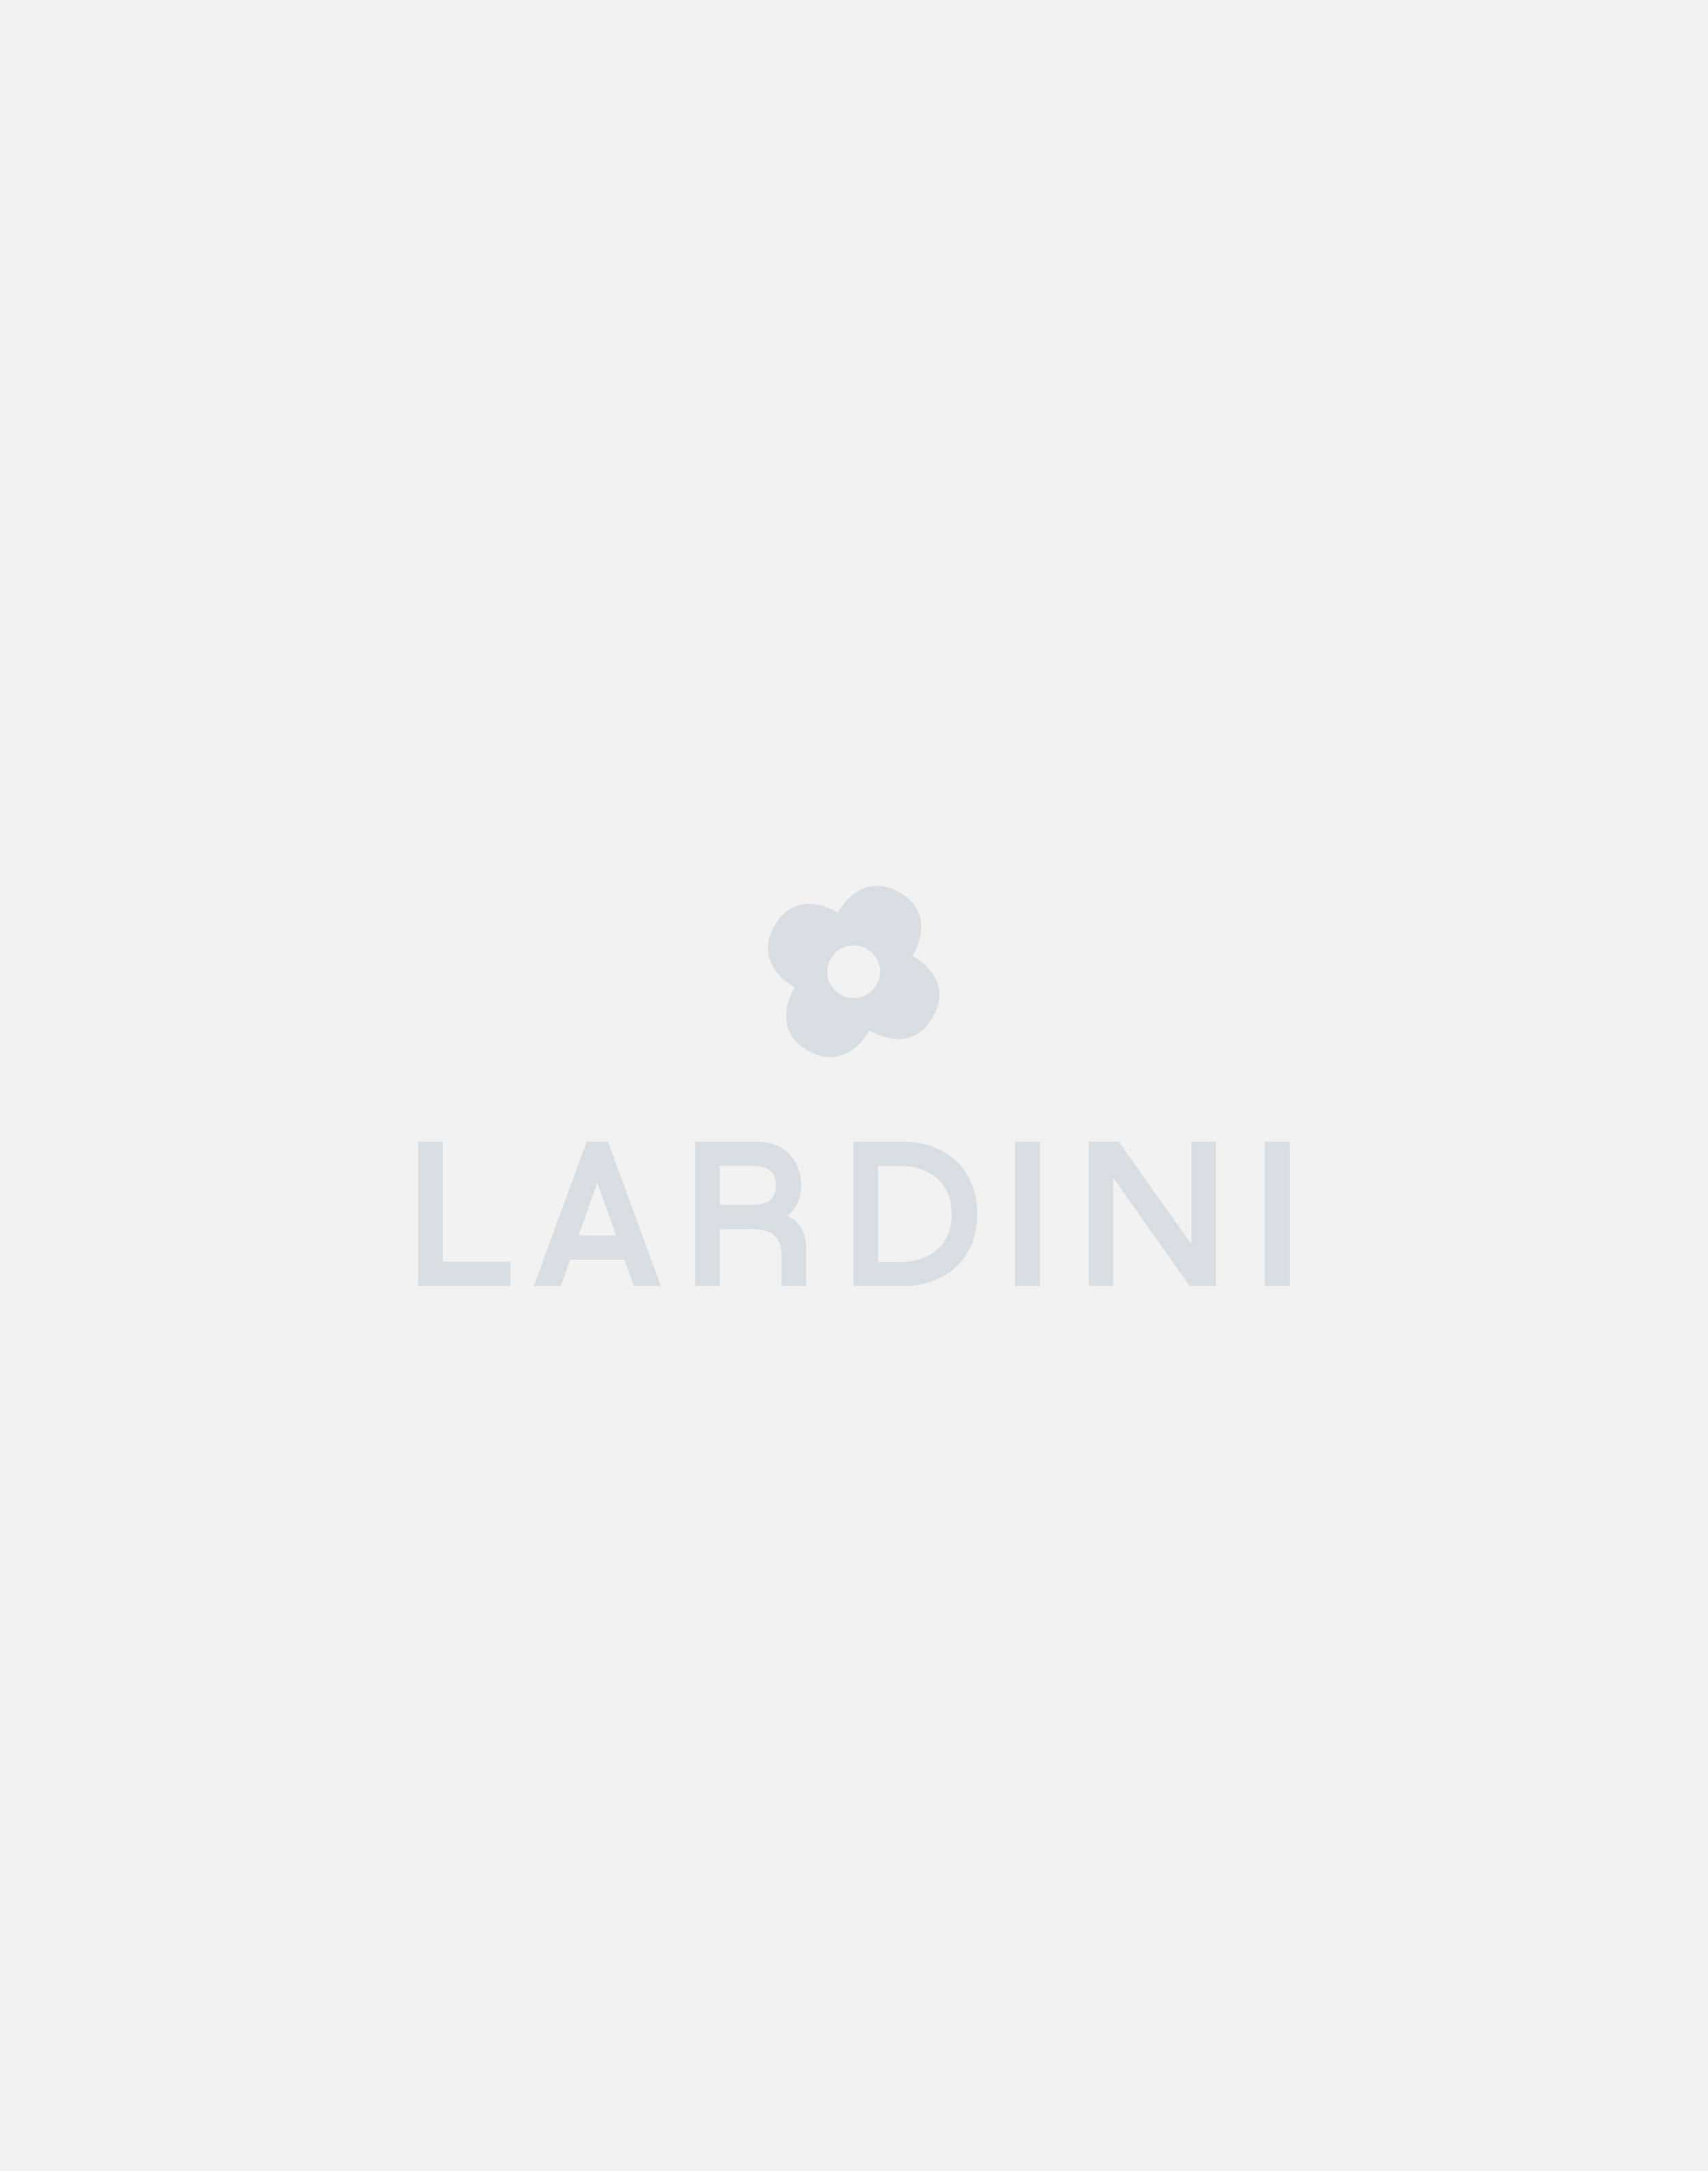 il vento è forte secondario Non farlo  Blue and light blue wool and linen blazer - Easy | Lardini